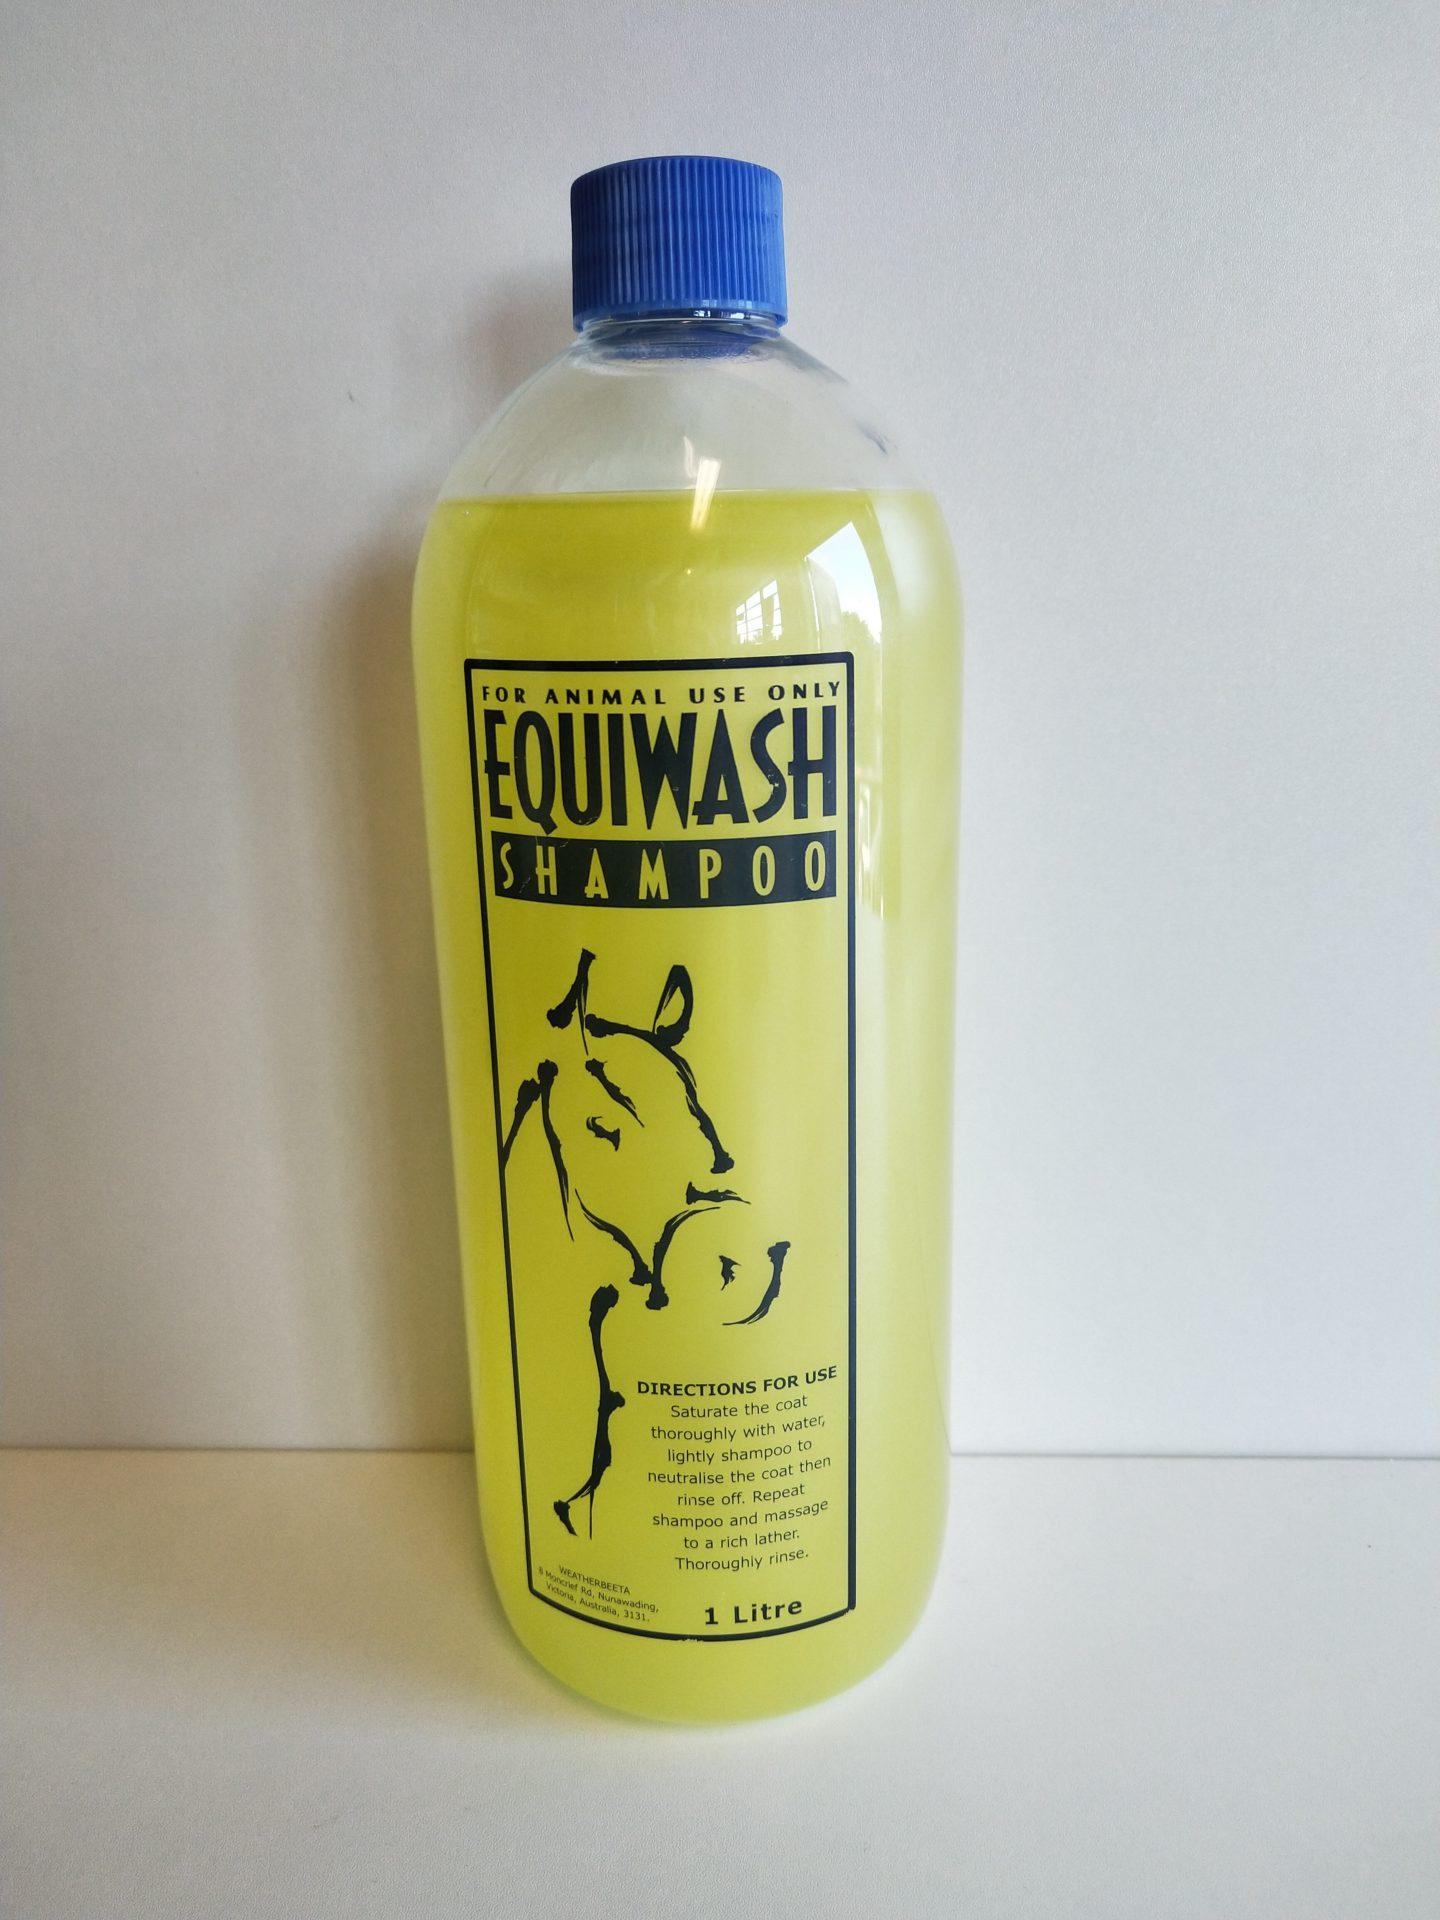 Equiwash Shampoo